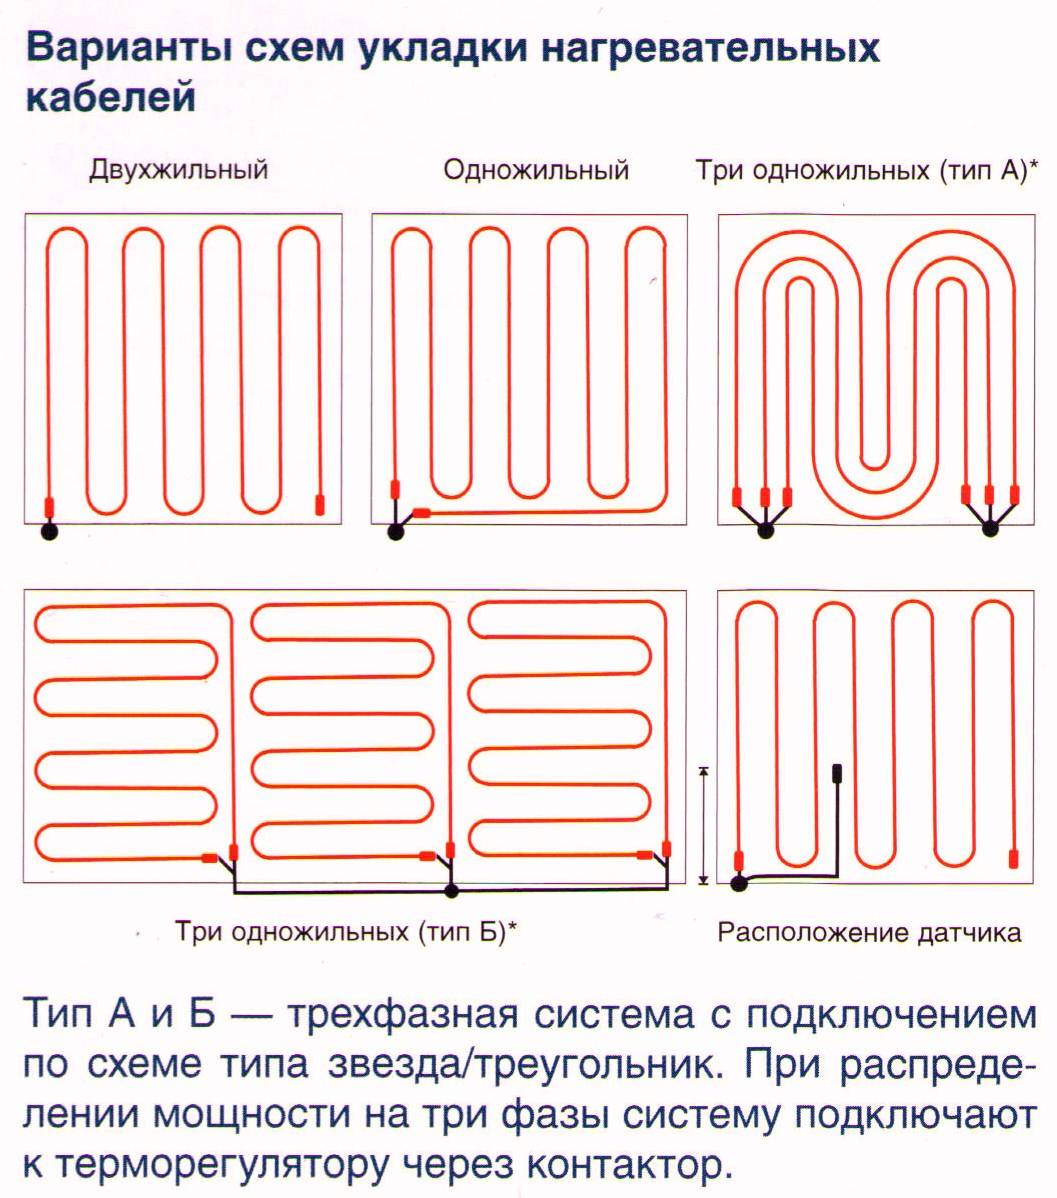 Одножильный и двужильный теплый пол отличия - подборки рекомендаций перед началом ремонта